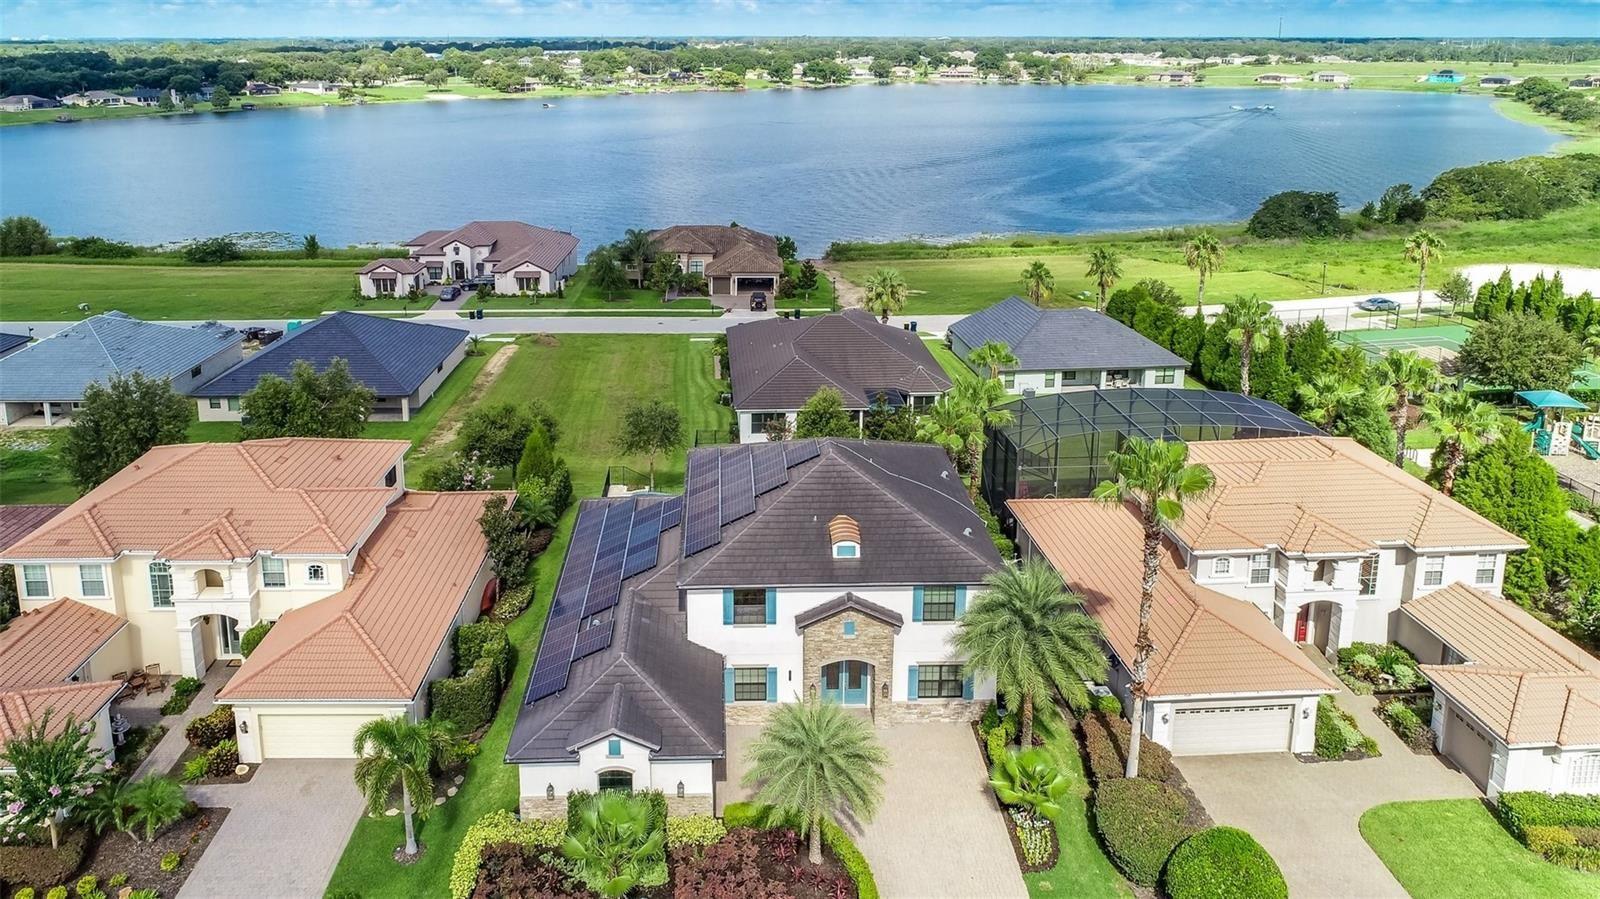 4959 TENNESSEE LAKE DRIVE, Auburndale, FL 33823 - #: O5951708